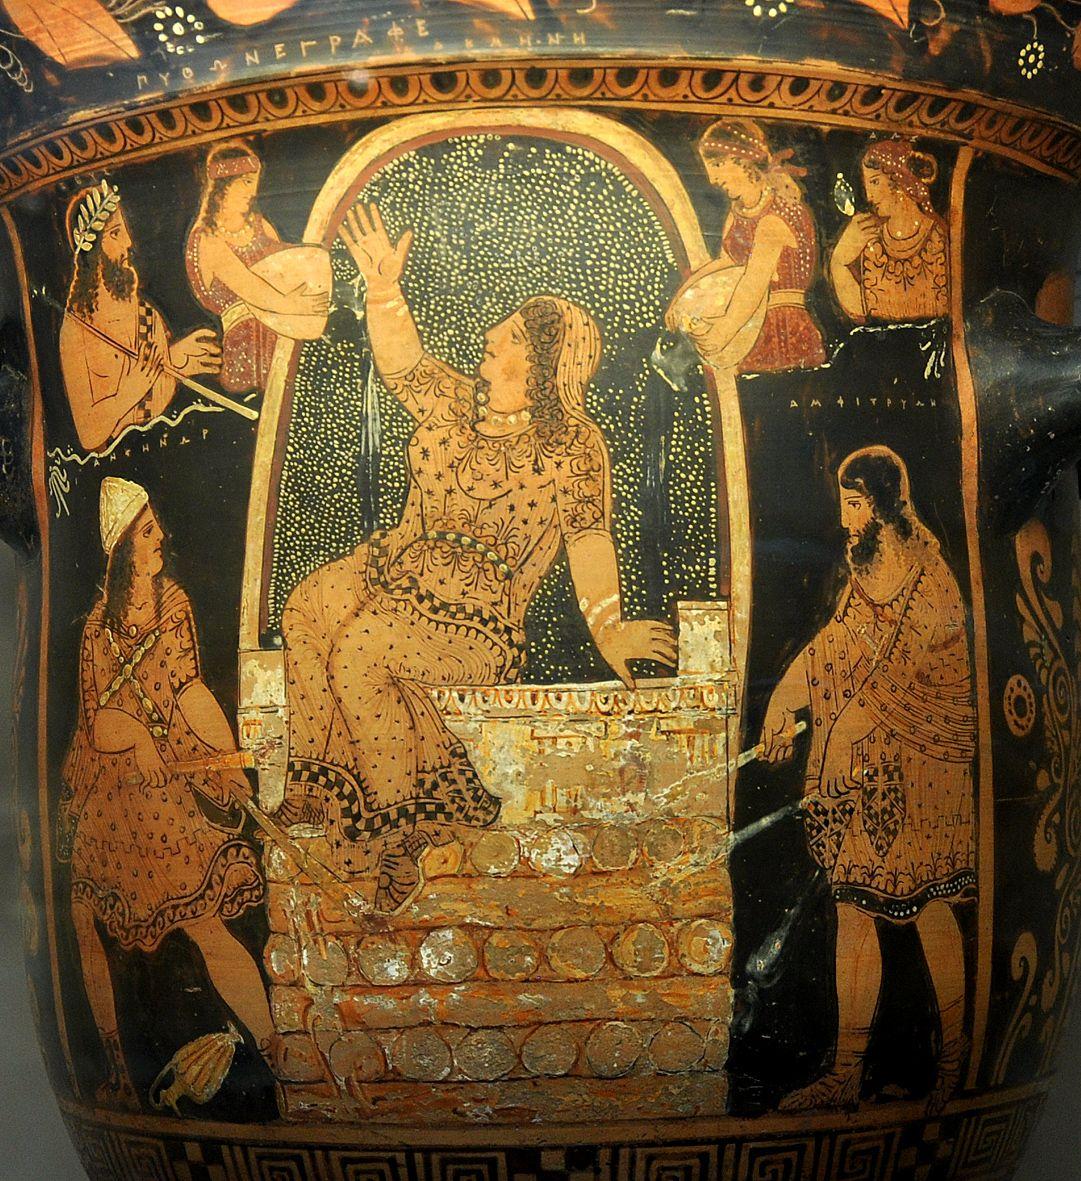 Rijke vrouw op Griekse vaas draagt goud en diamanten om haar status te benadrukken - BAUNAT